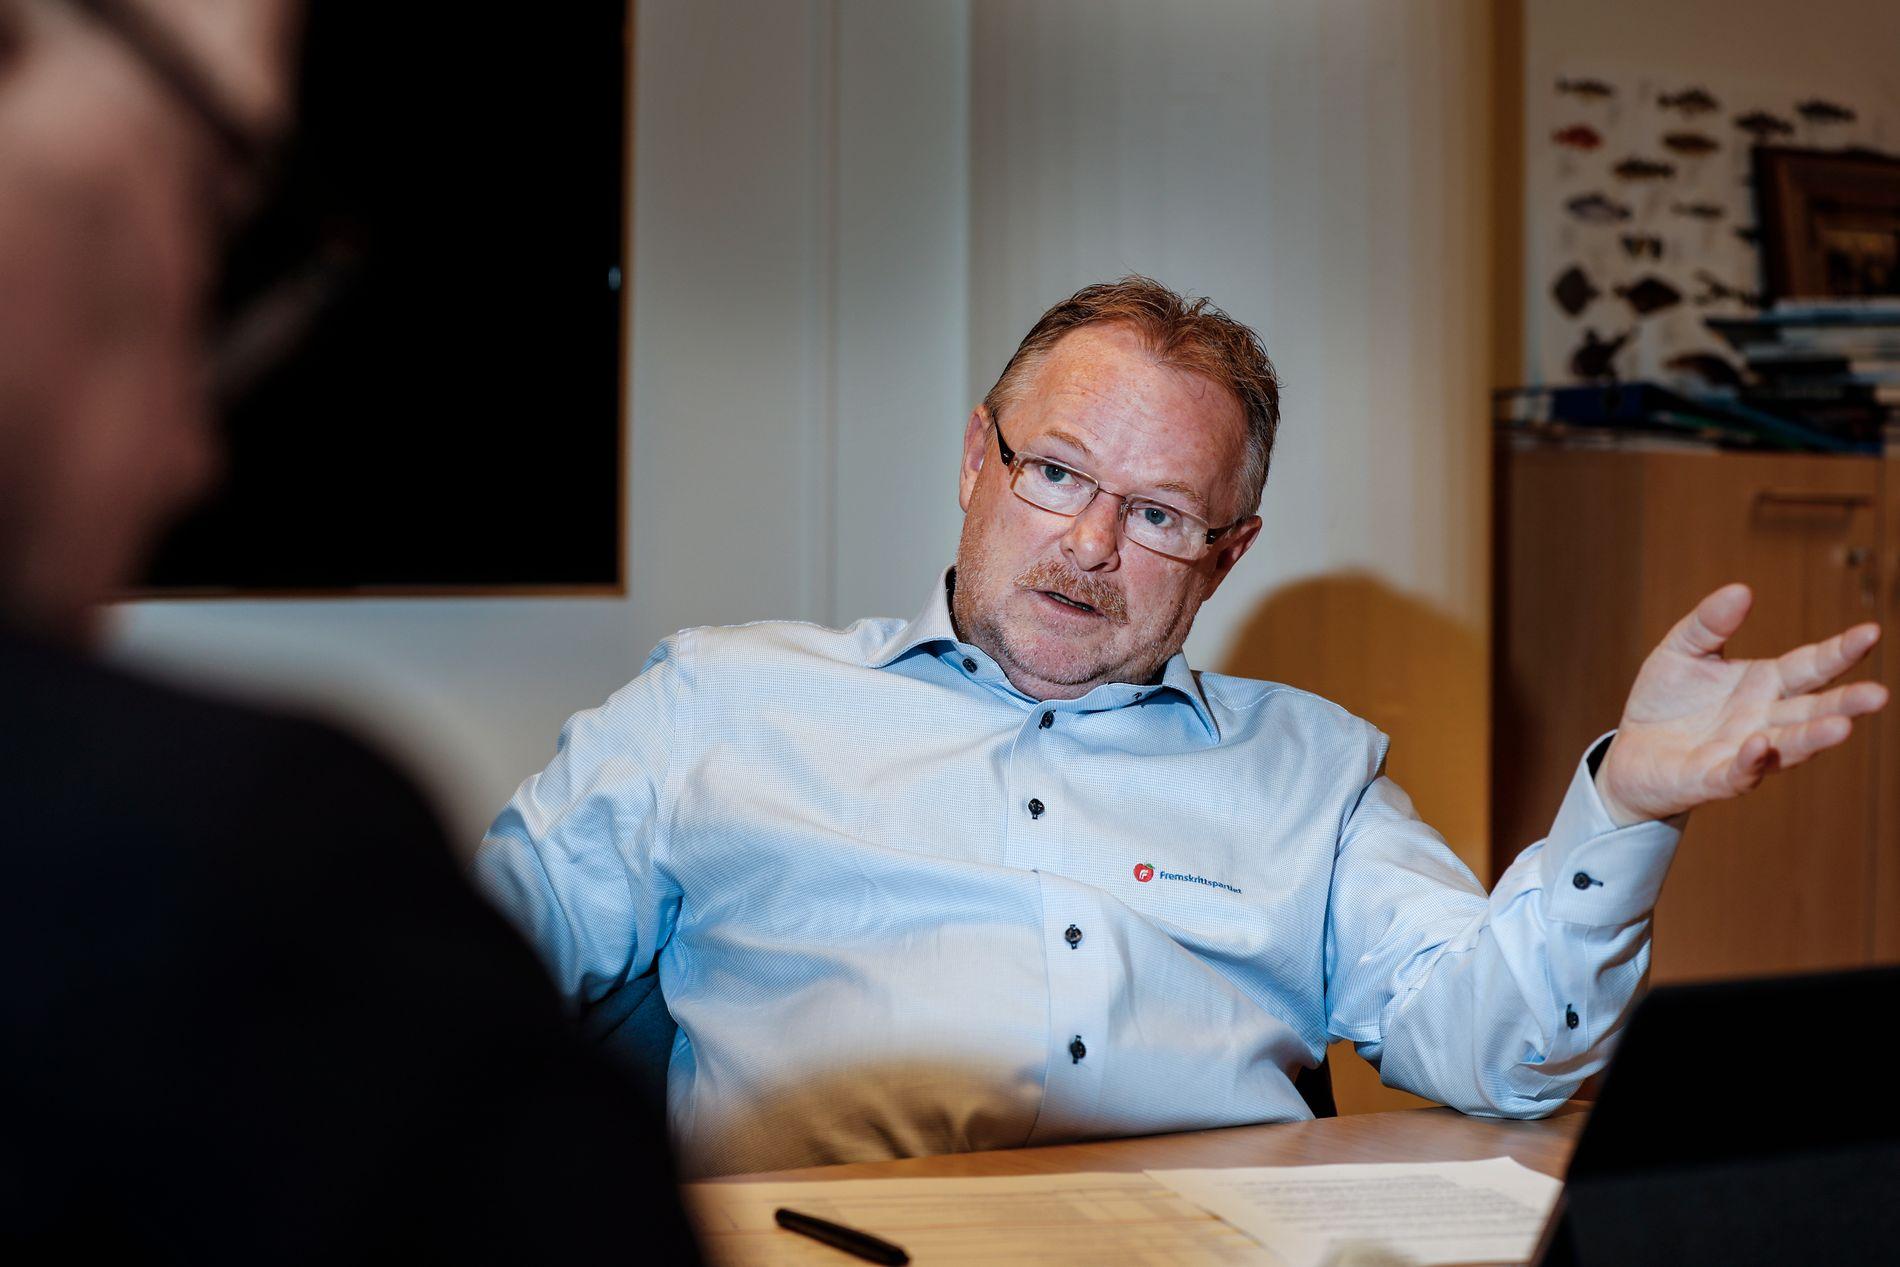 ØREFIK OK? Nestleder Per Sandberg i Frp synes det er greit at menn som trakasserer kvinner, får seg en øresuser. FOTO: MATTIS SANDBLAD/VG